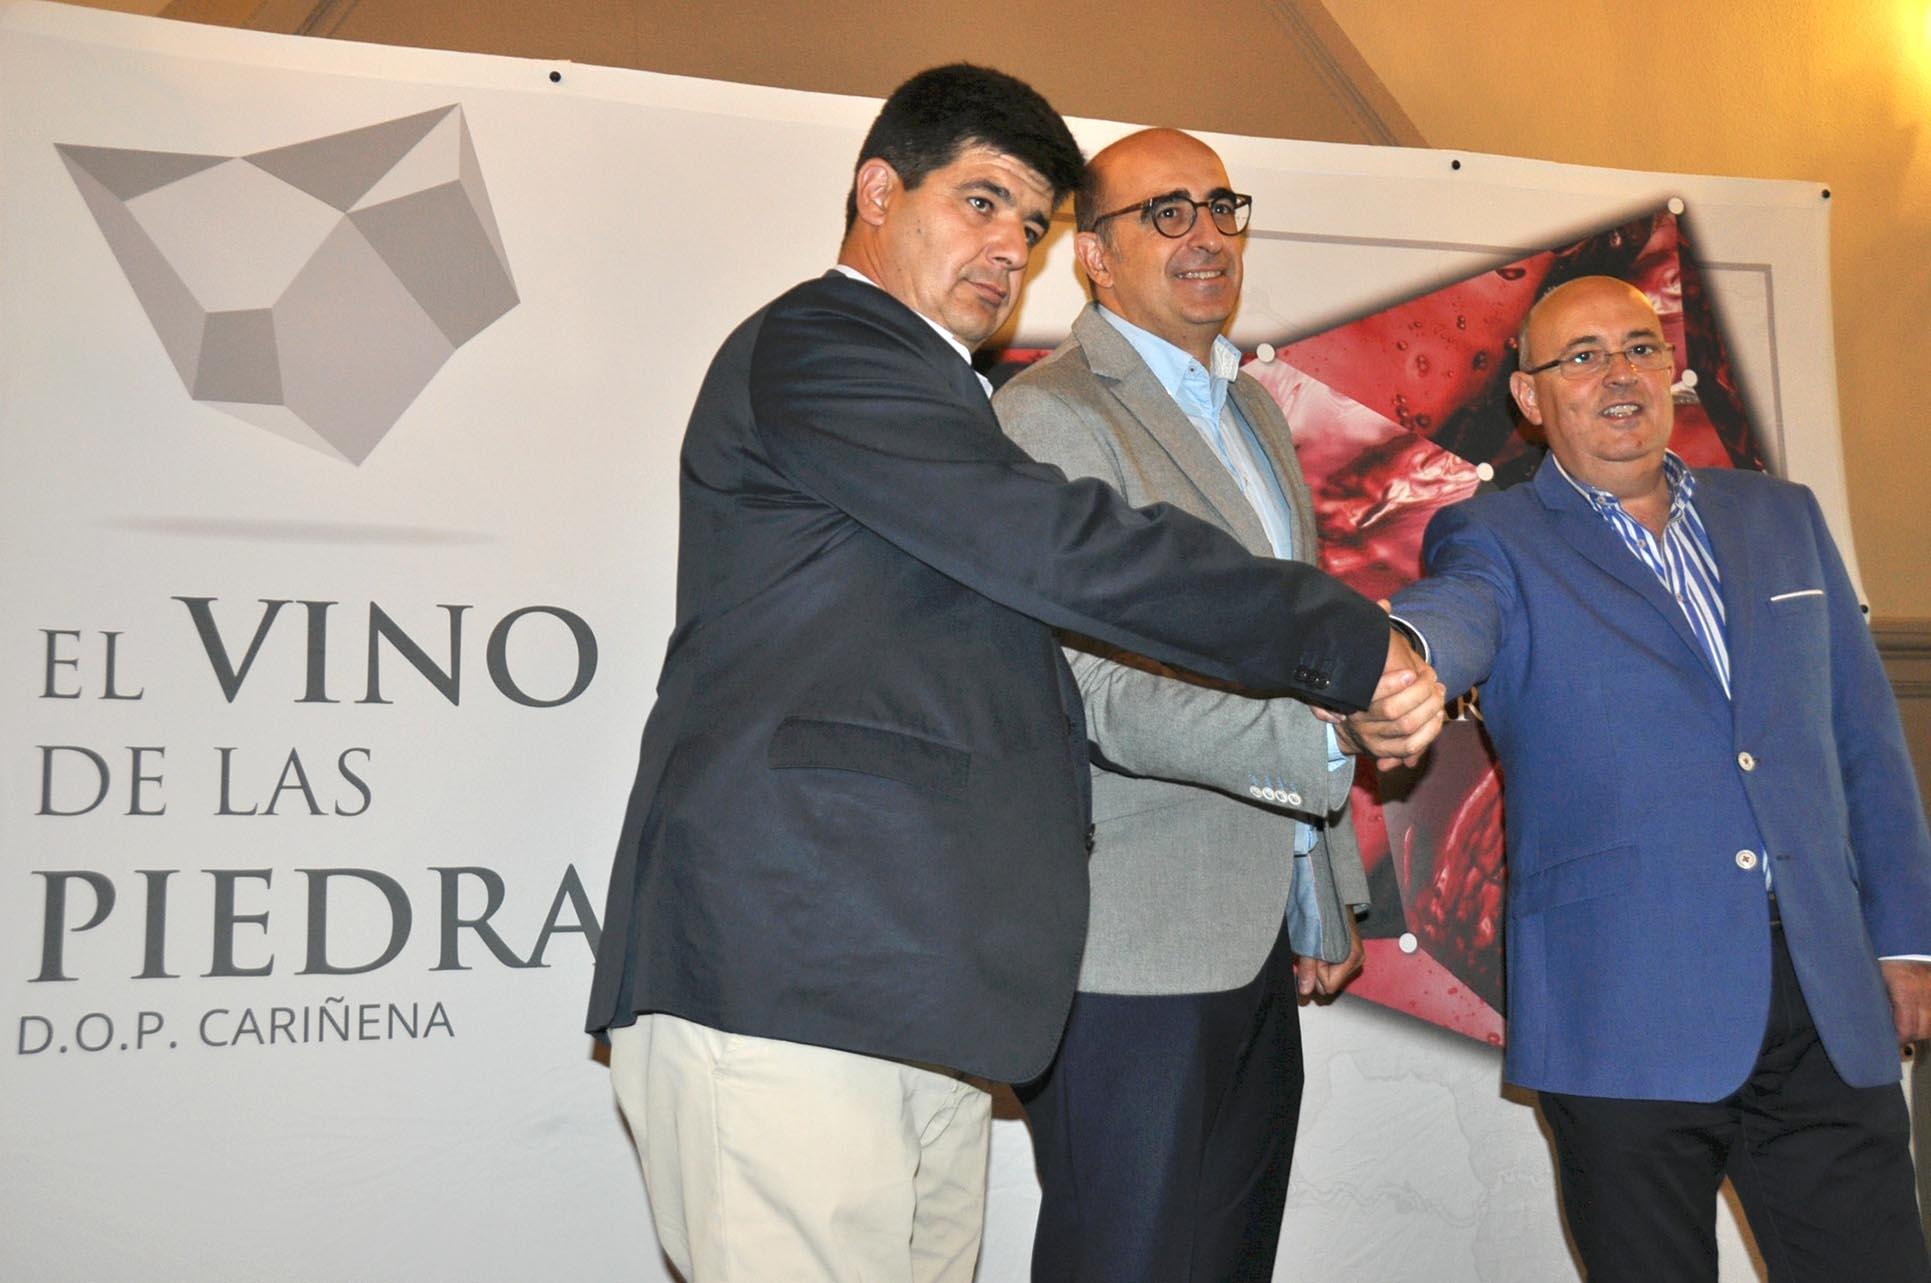 5barricas-carinena-160906-Ubide-Vaquer-Campos-